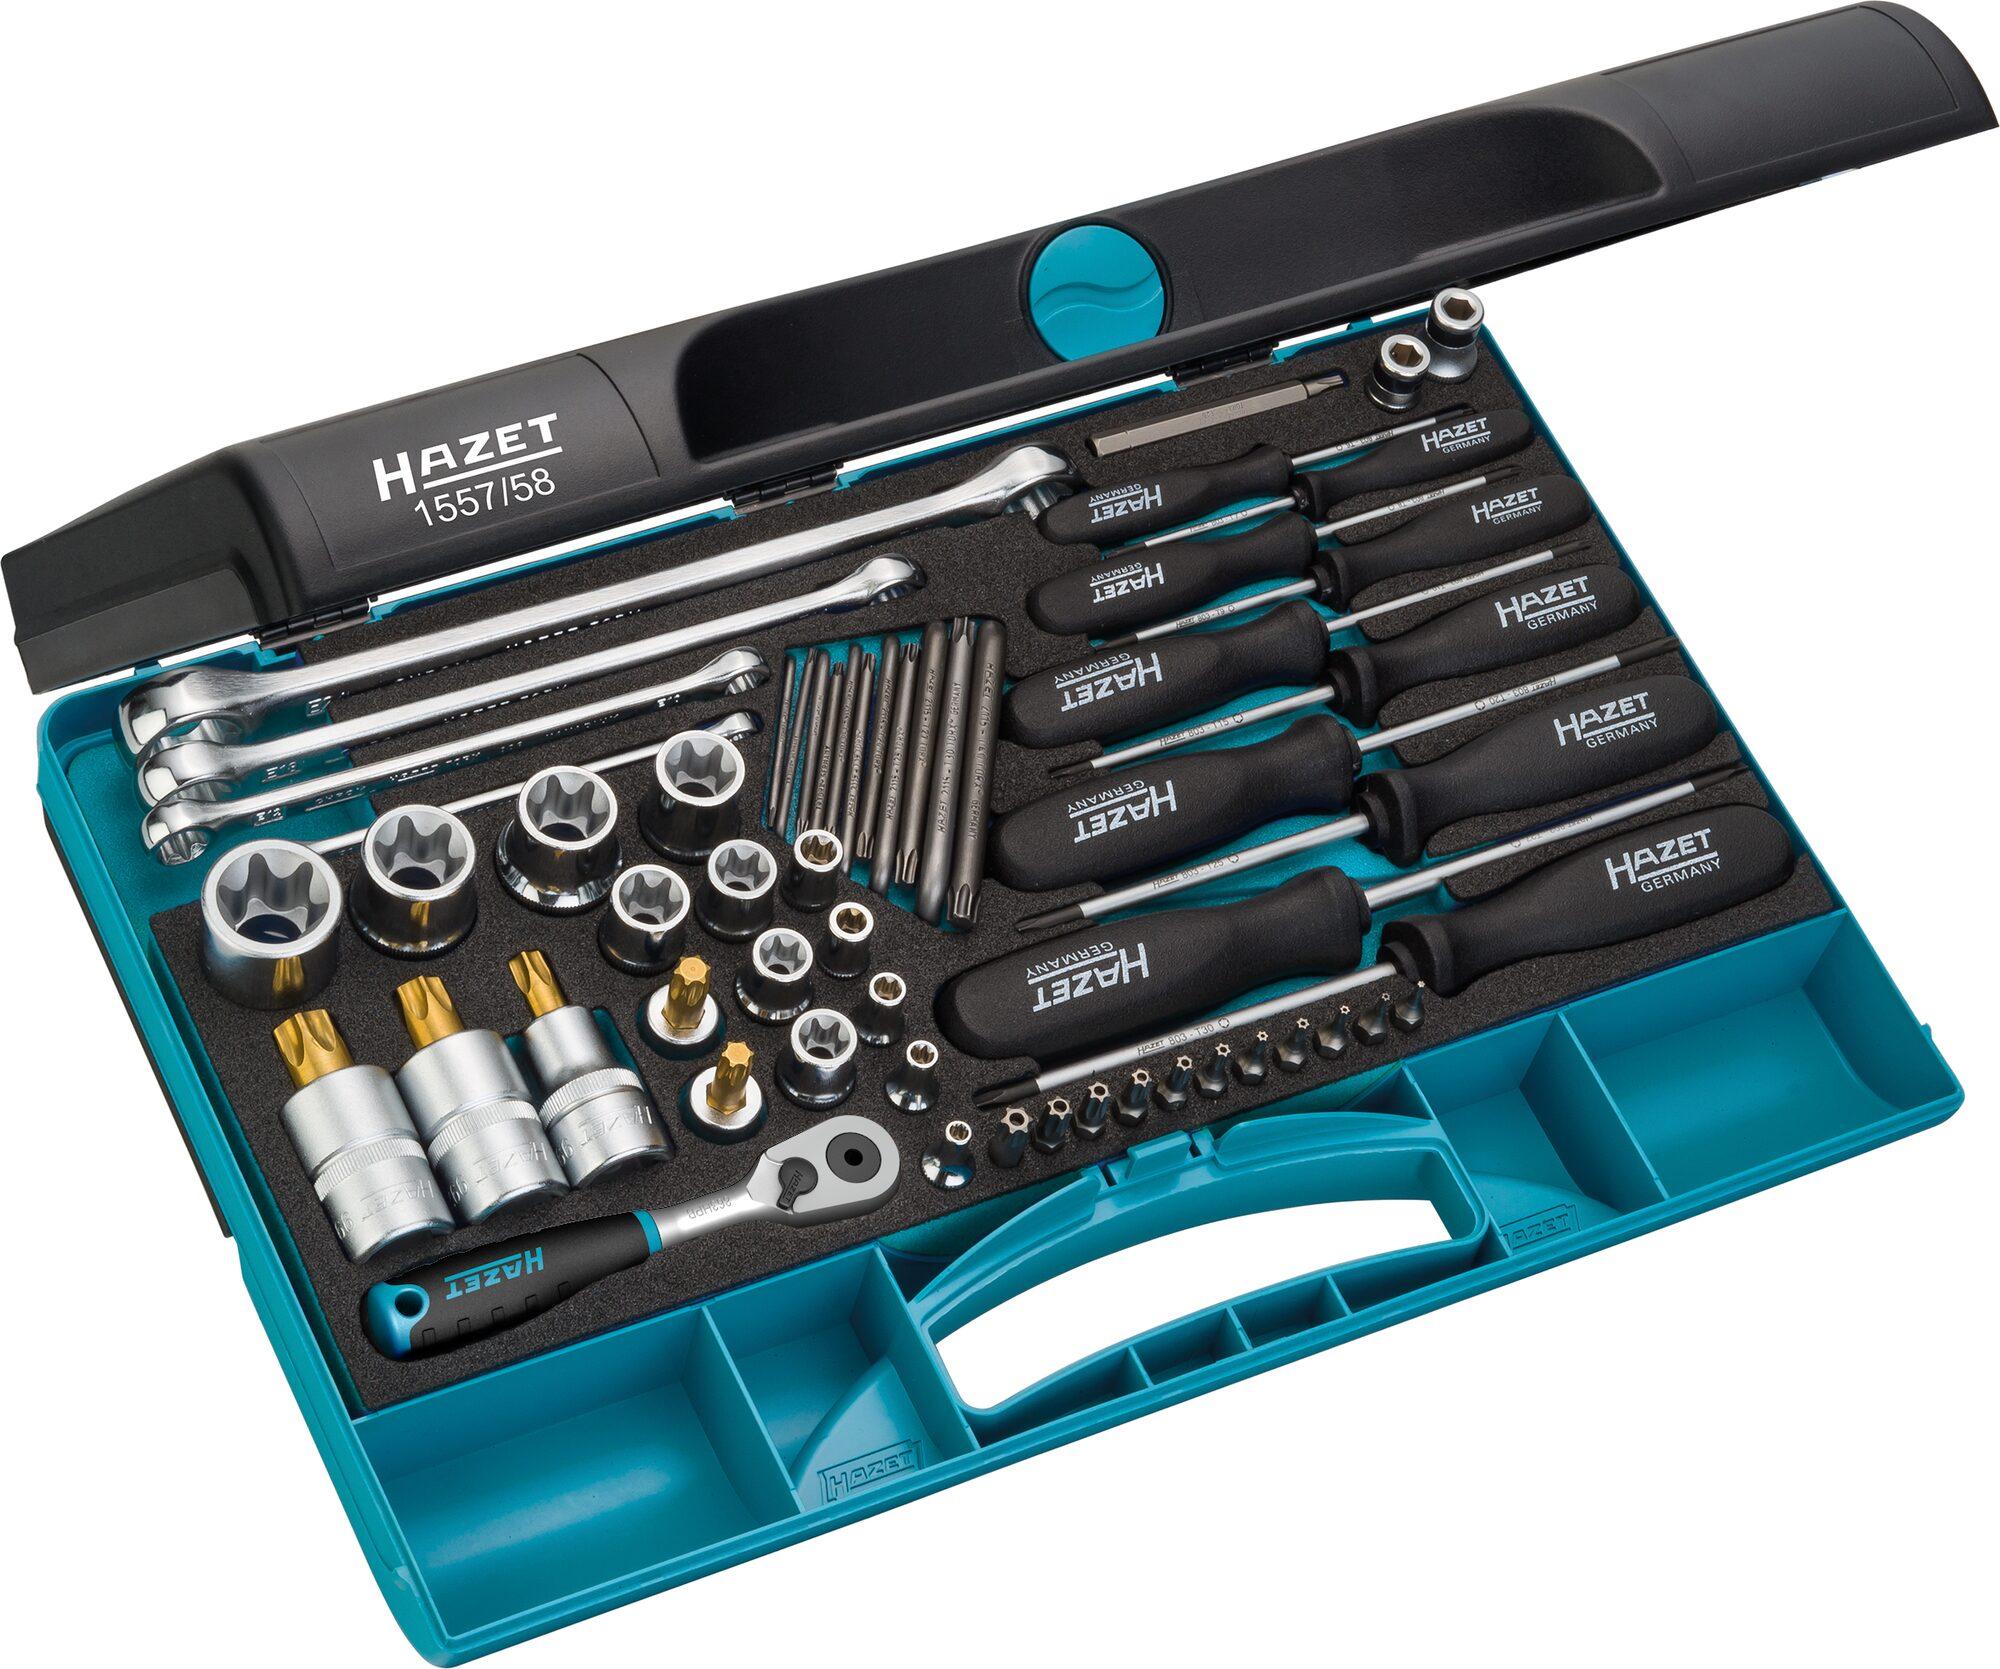 HAZET Werkzeug Satz TORX® 1557/58 ∙ Außen TORX® Profil, Tamper Resistant TORX® Profil, Innen TORX® Profil